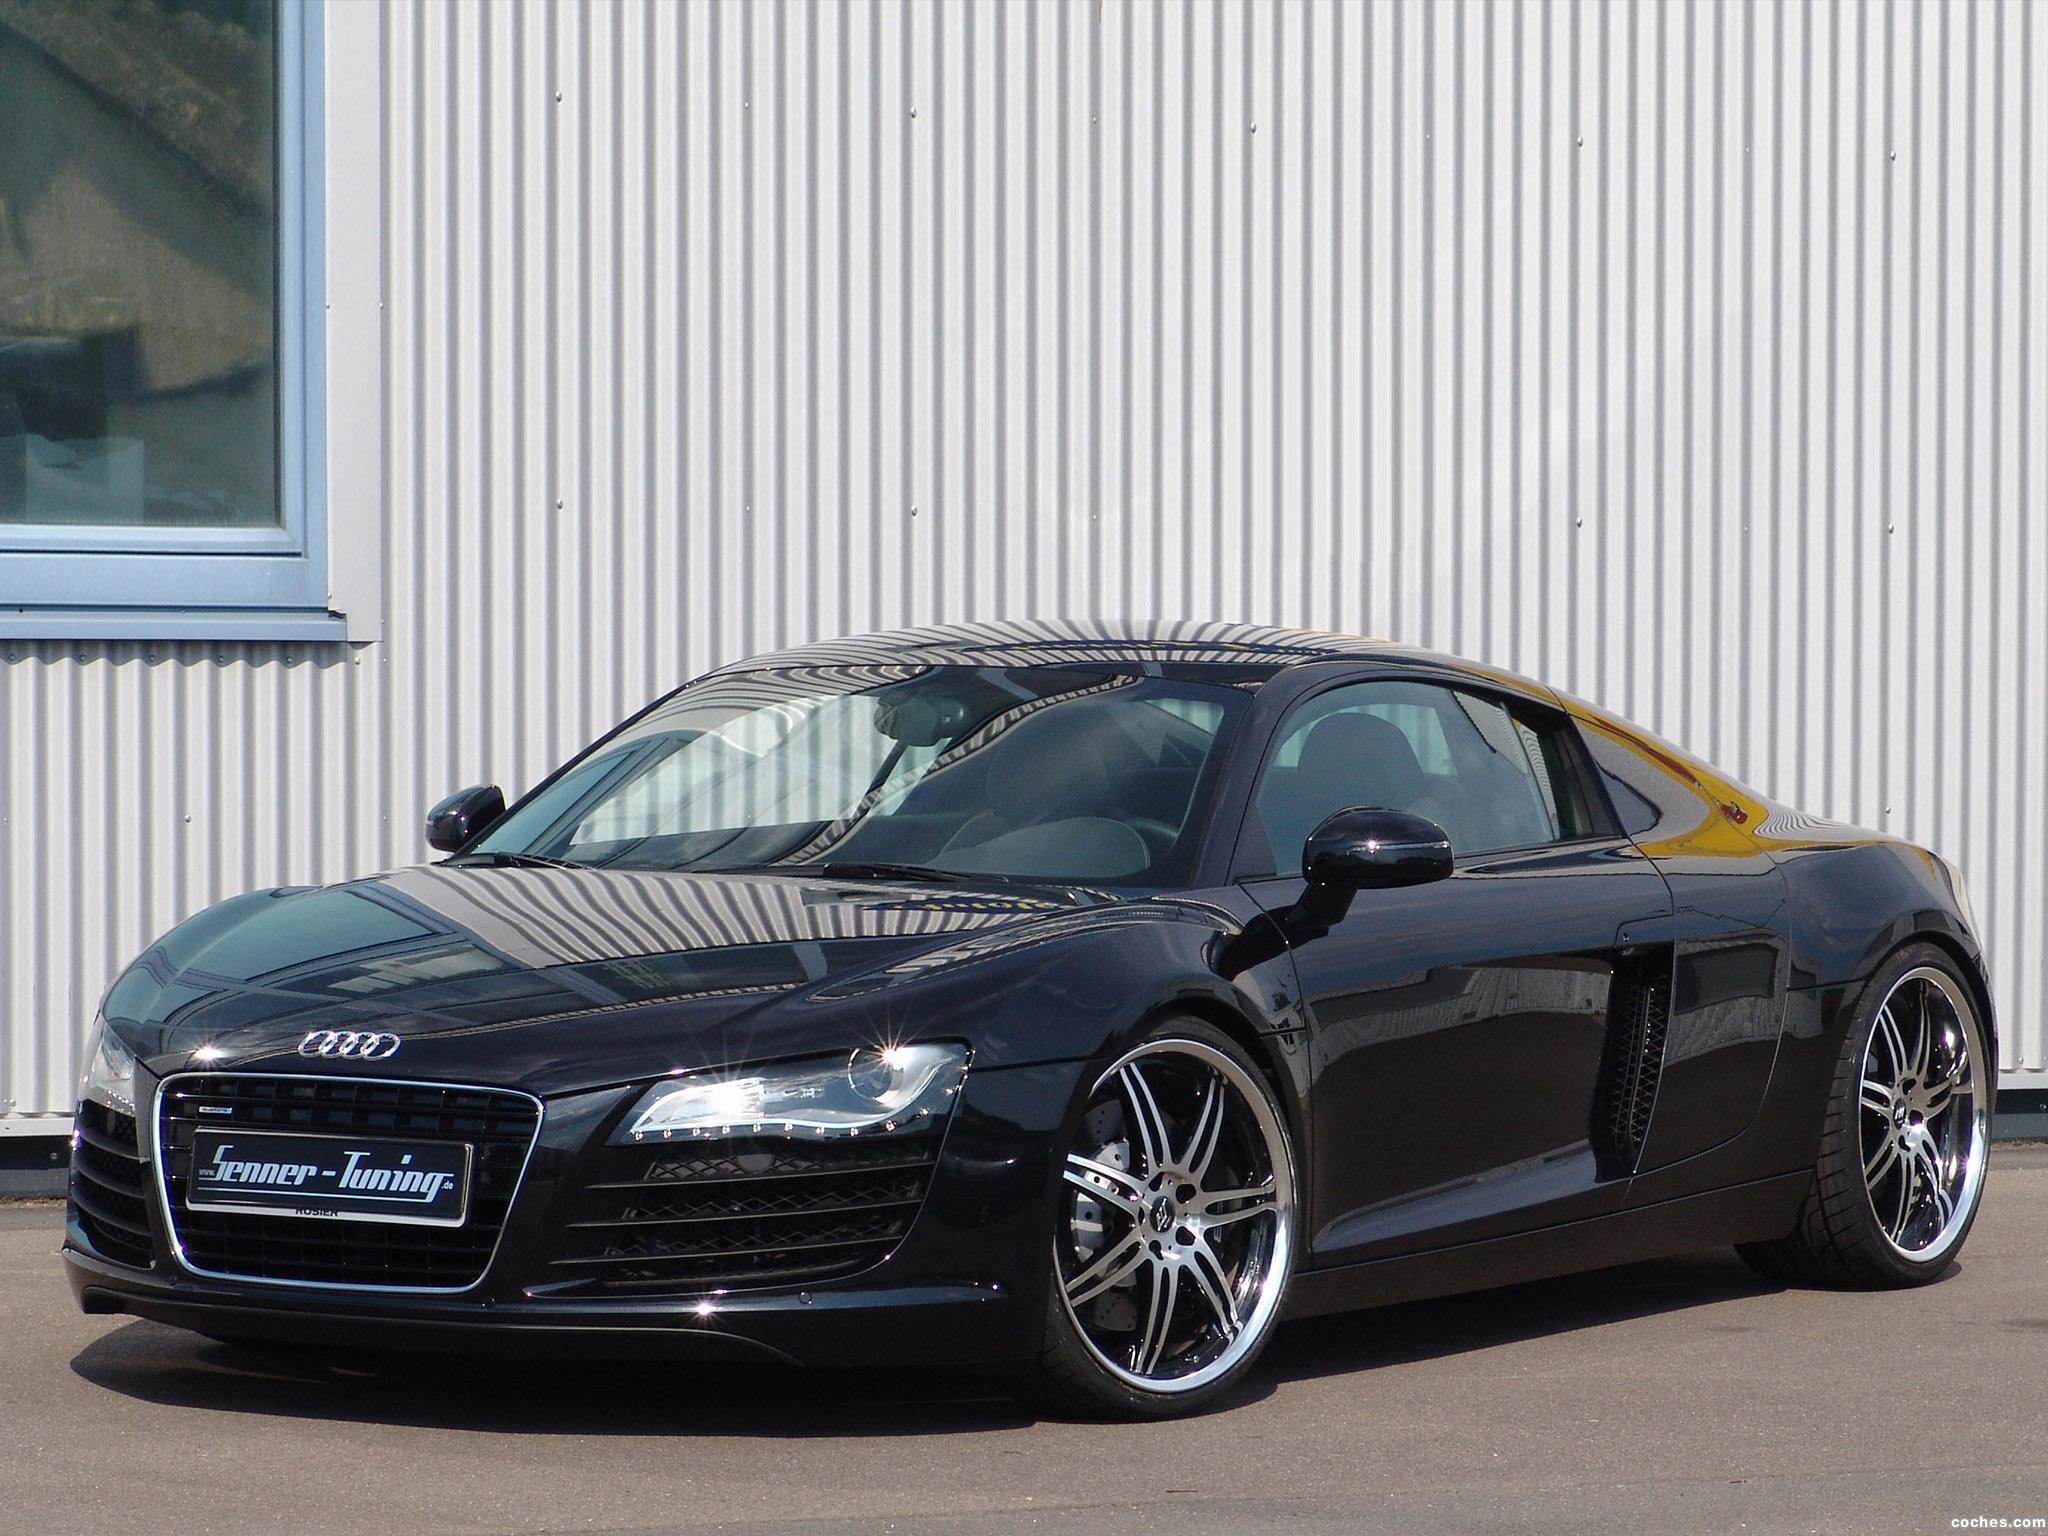 Foto 3 de Audi Senner R8 Super Sport Concept 2009